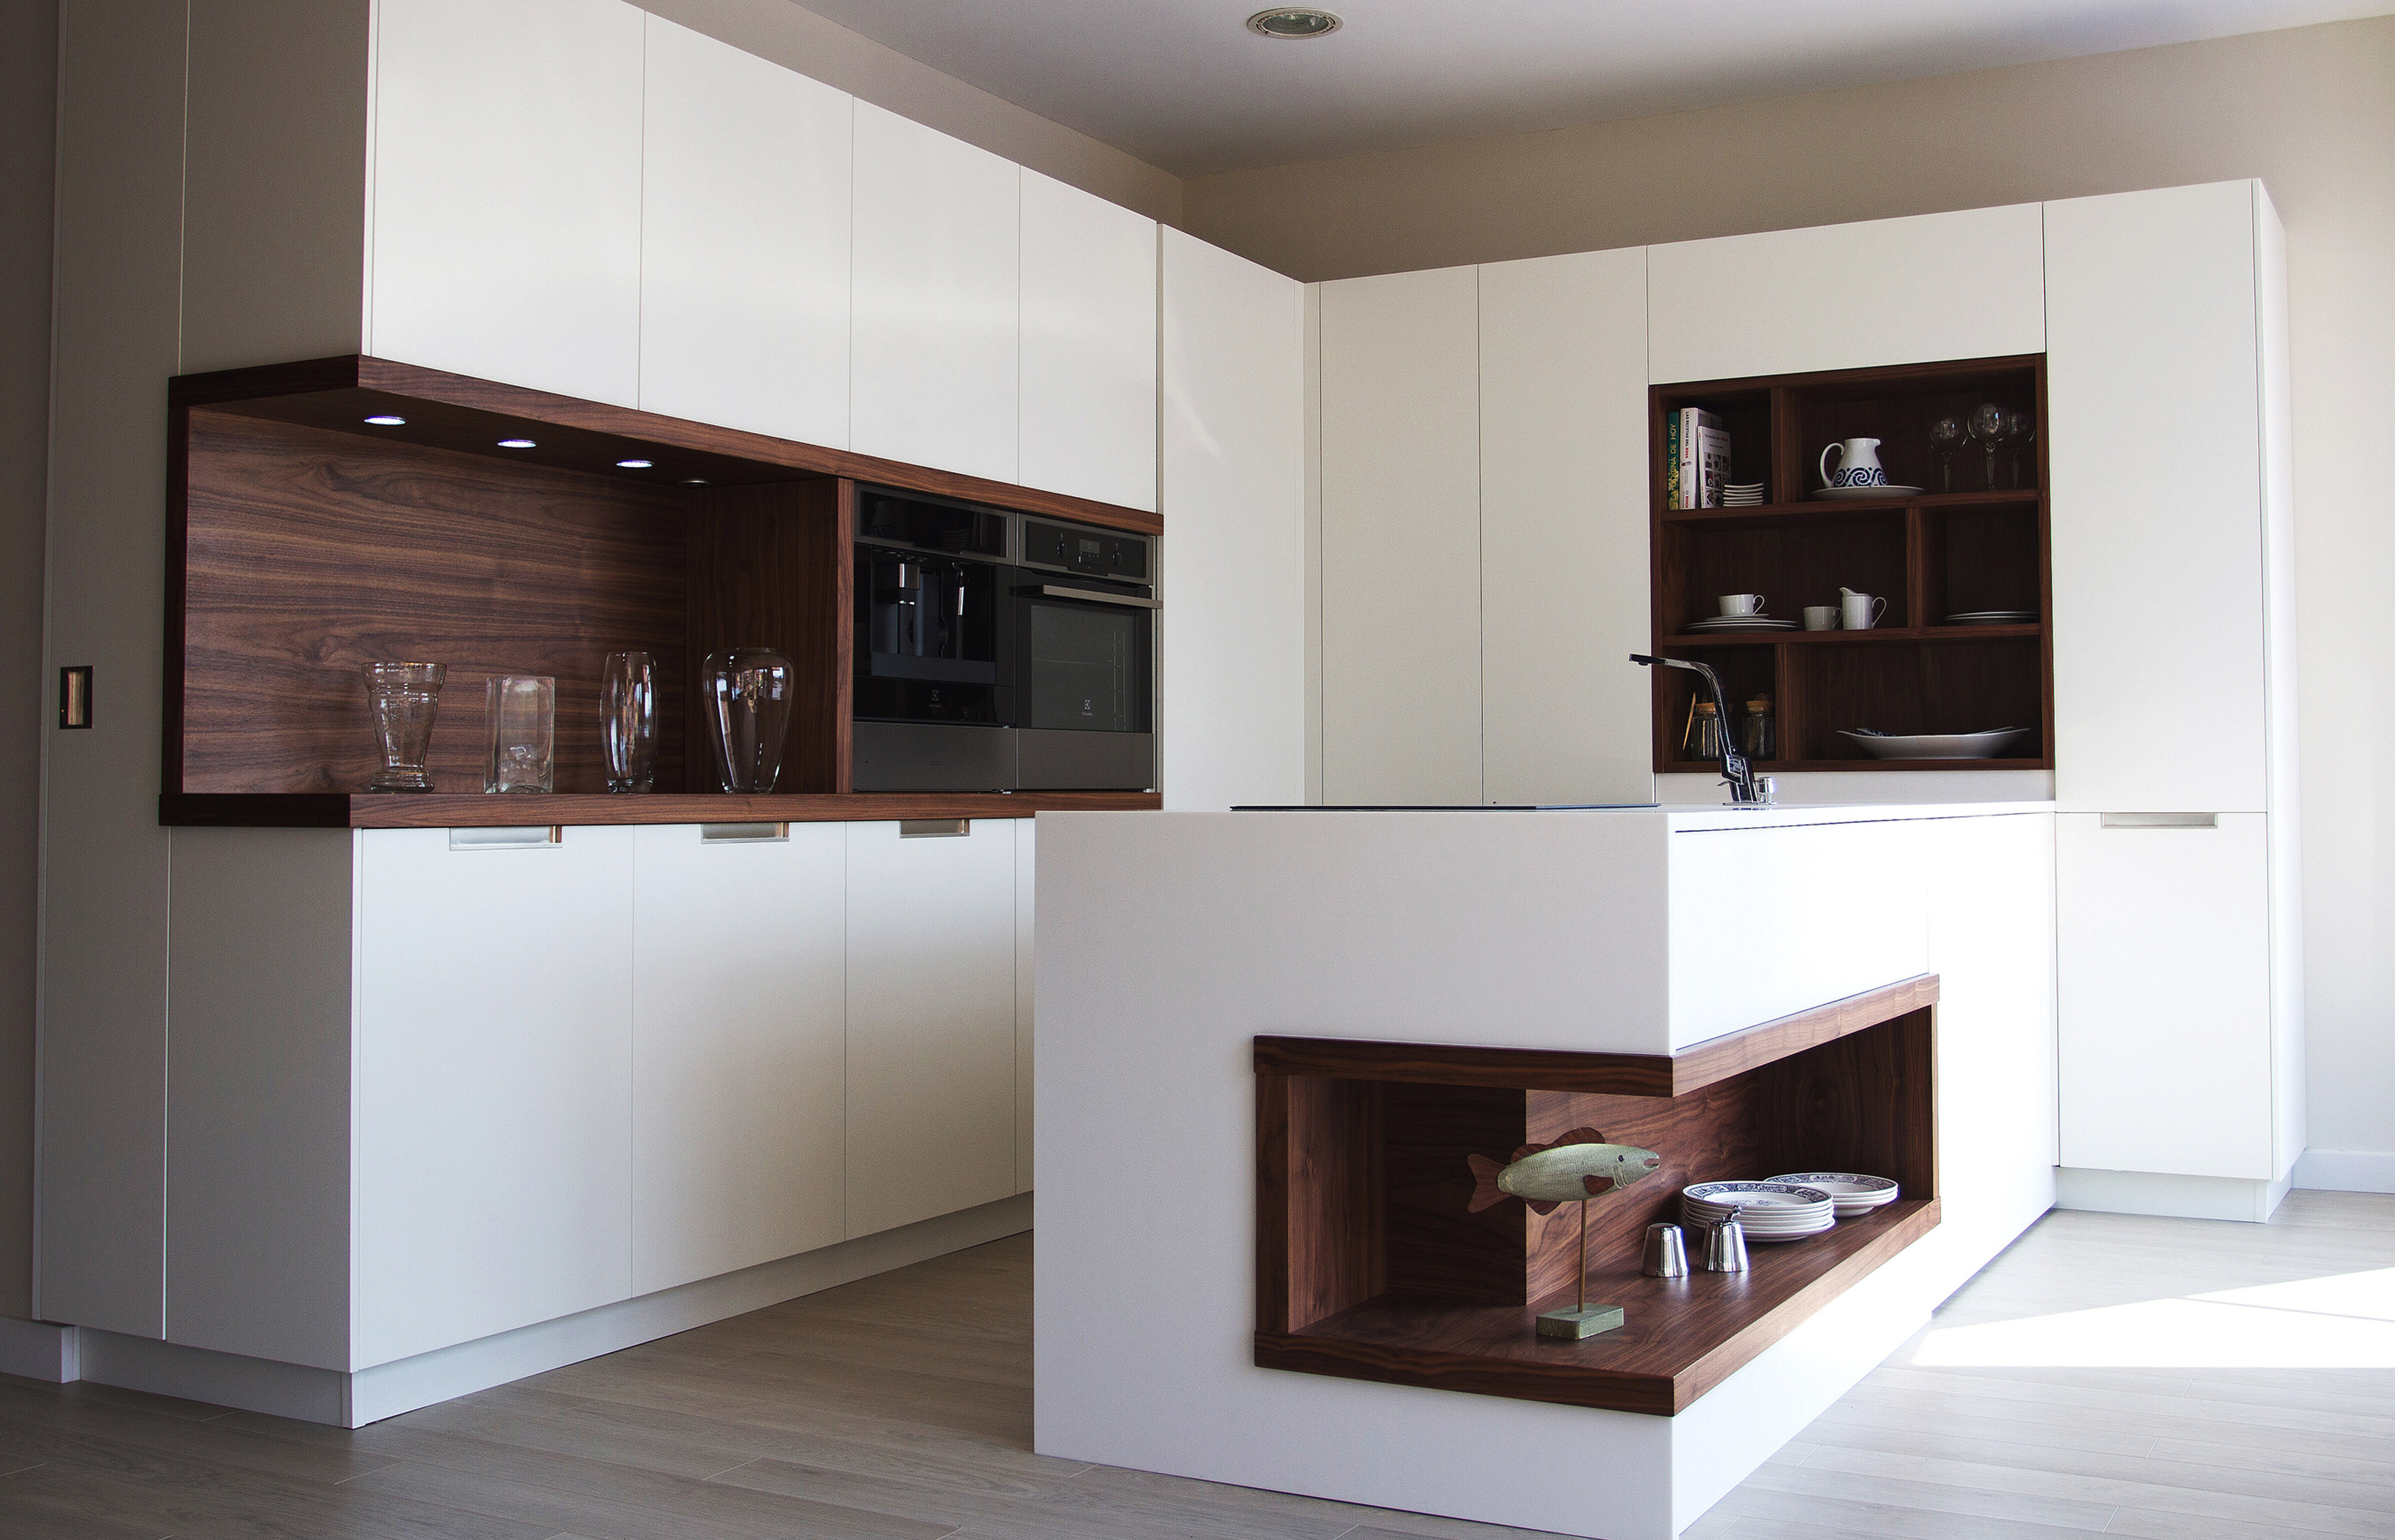 Modelo altea nogal muebles de cocina y ba o online en for Muebles de cocina online